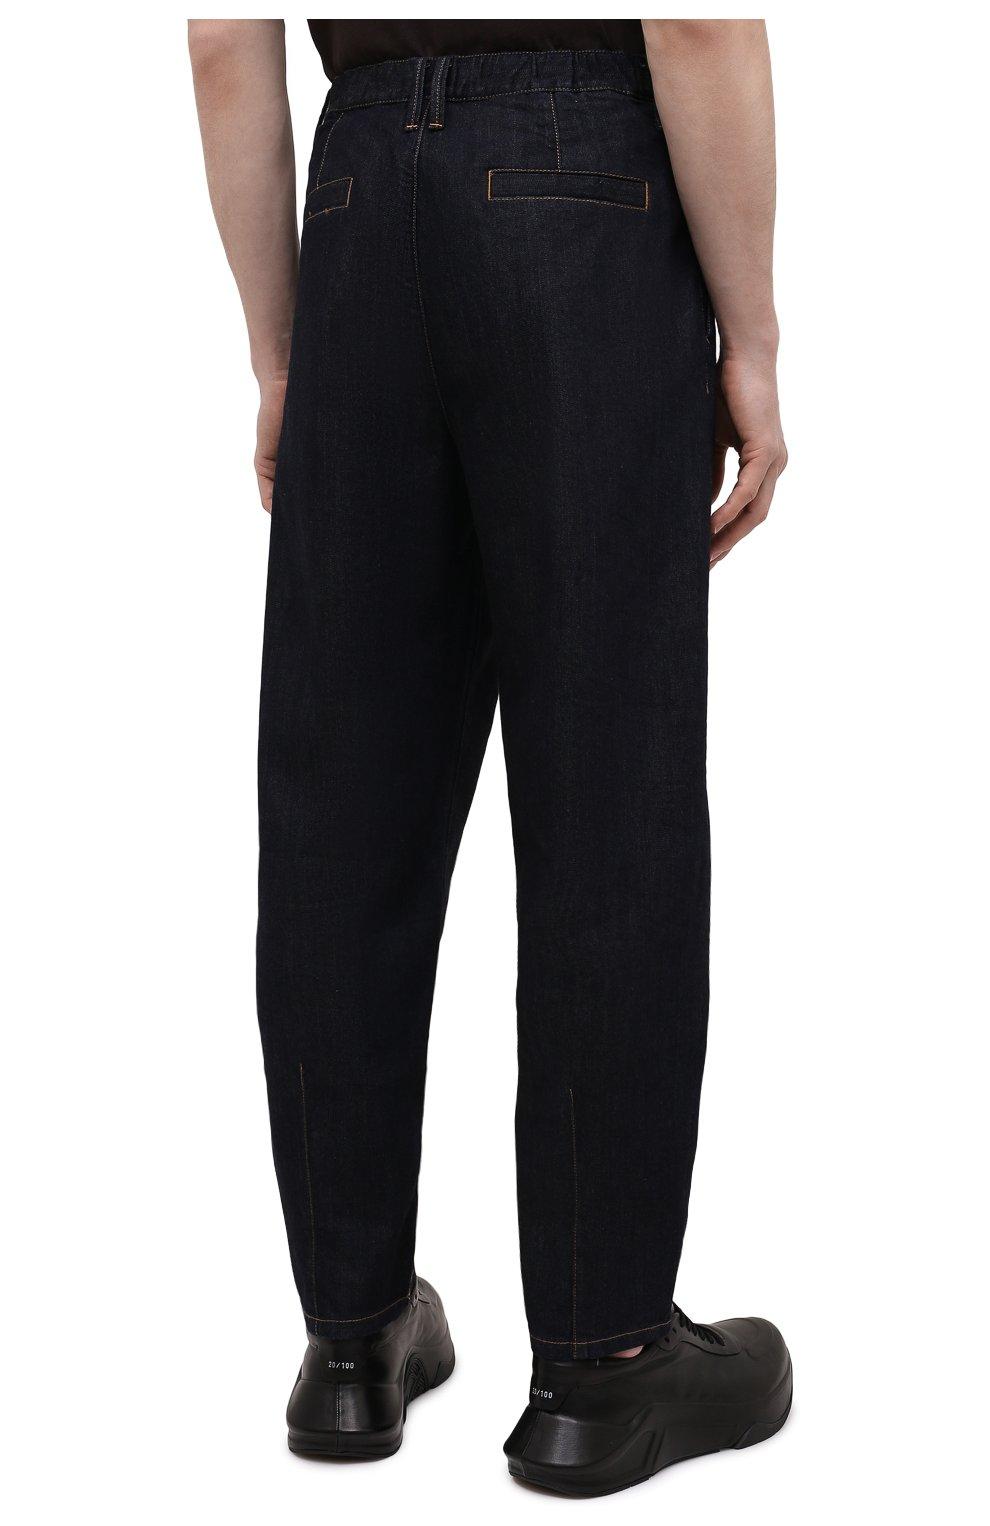 Мужские джинсы GIORGIO ARMANI синего цвета, арт. 3KSP61/SD0TZ | Фото 4 (Силуэт М (брюки): Широкие; Кросс-КТ: Деним; Длина (брюки, джинсы): Стандартные; Материал внешний: Хлопок, Деним; Стили: Кэжуэл)